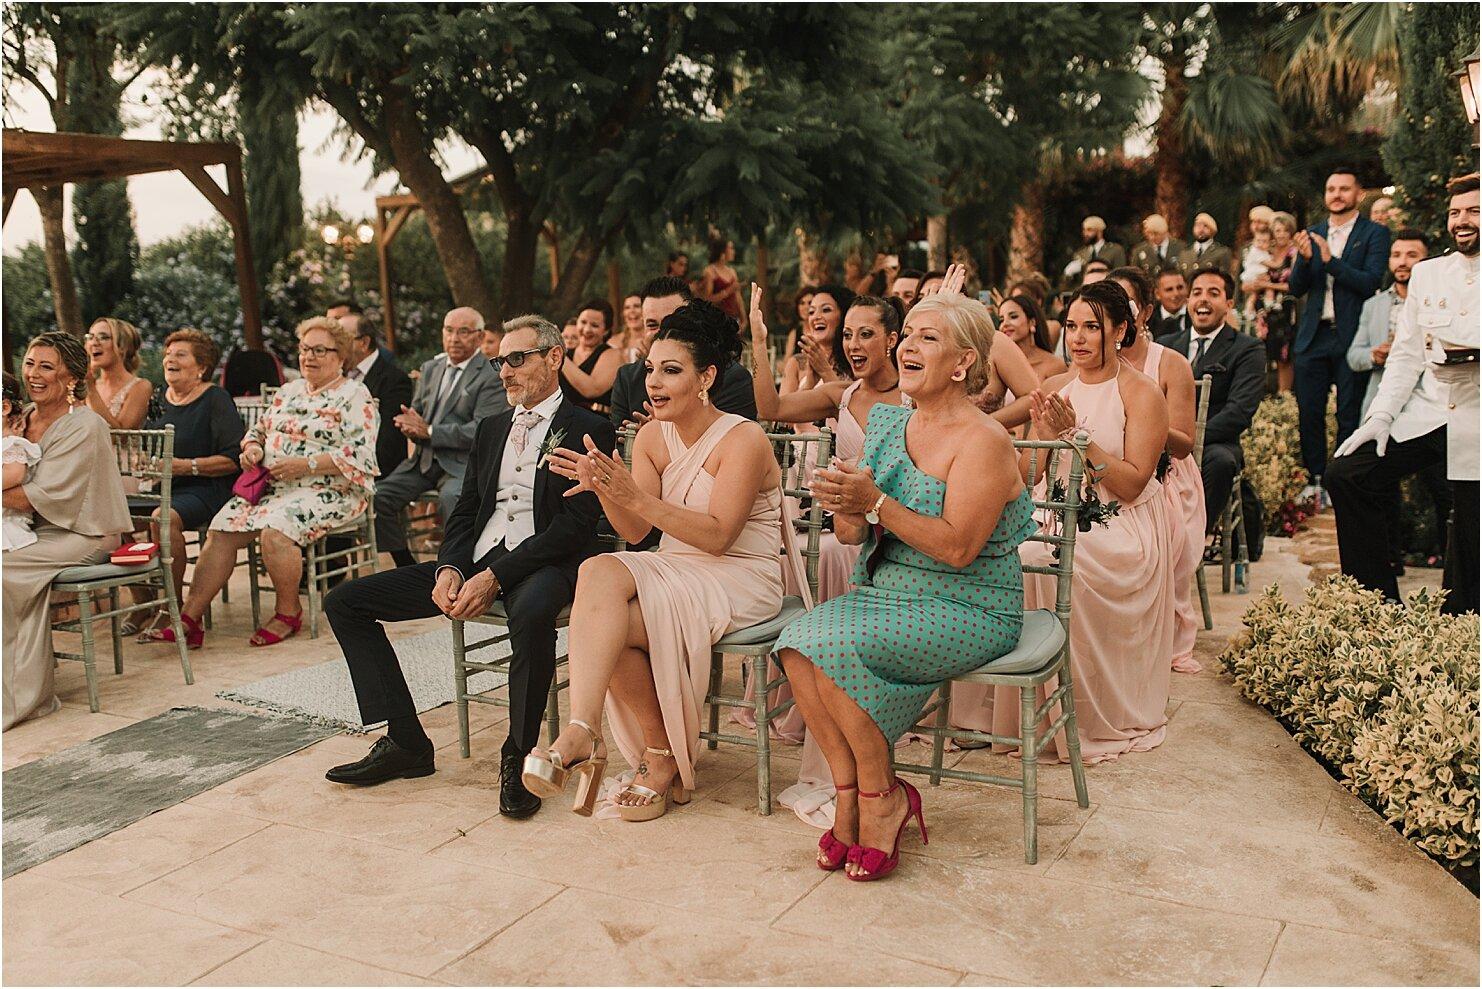 boda-romantica-boda-boho-vestido-de-novia-laura-lomas39.jpg